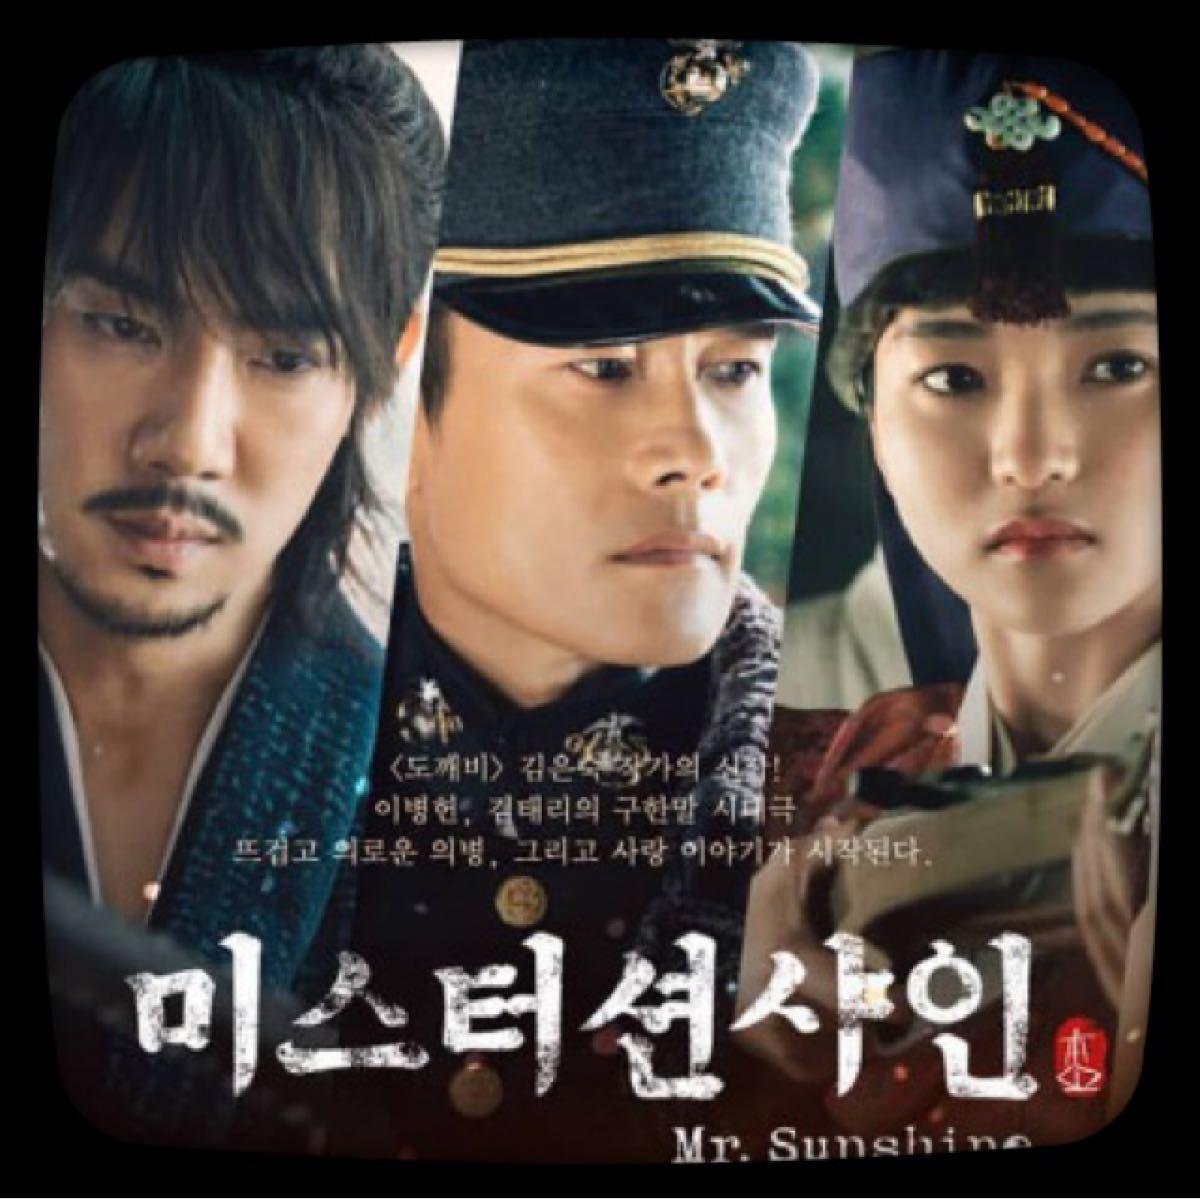 【ミスターサンシャイン】Blu-ray 韓国ドラマ 韓流